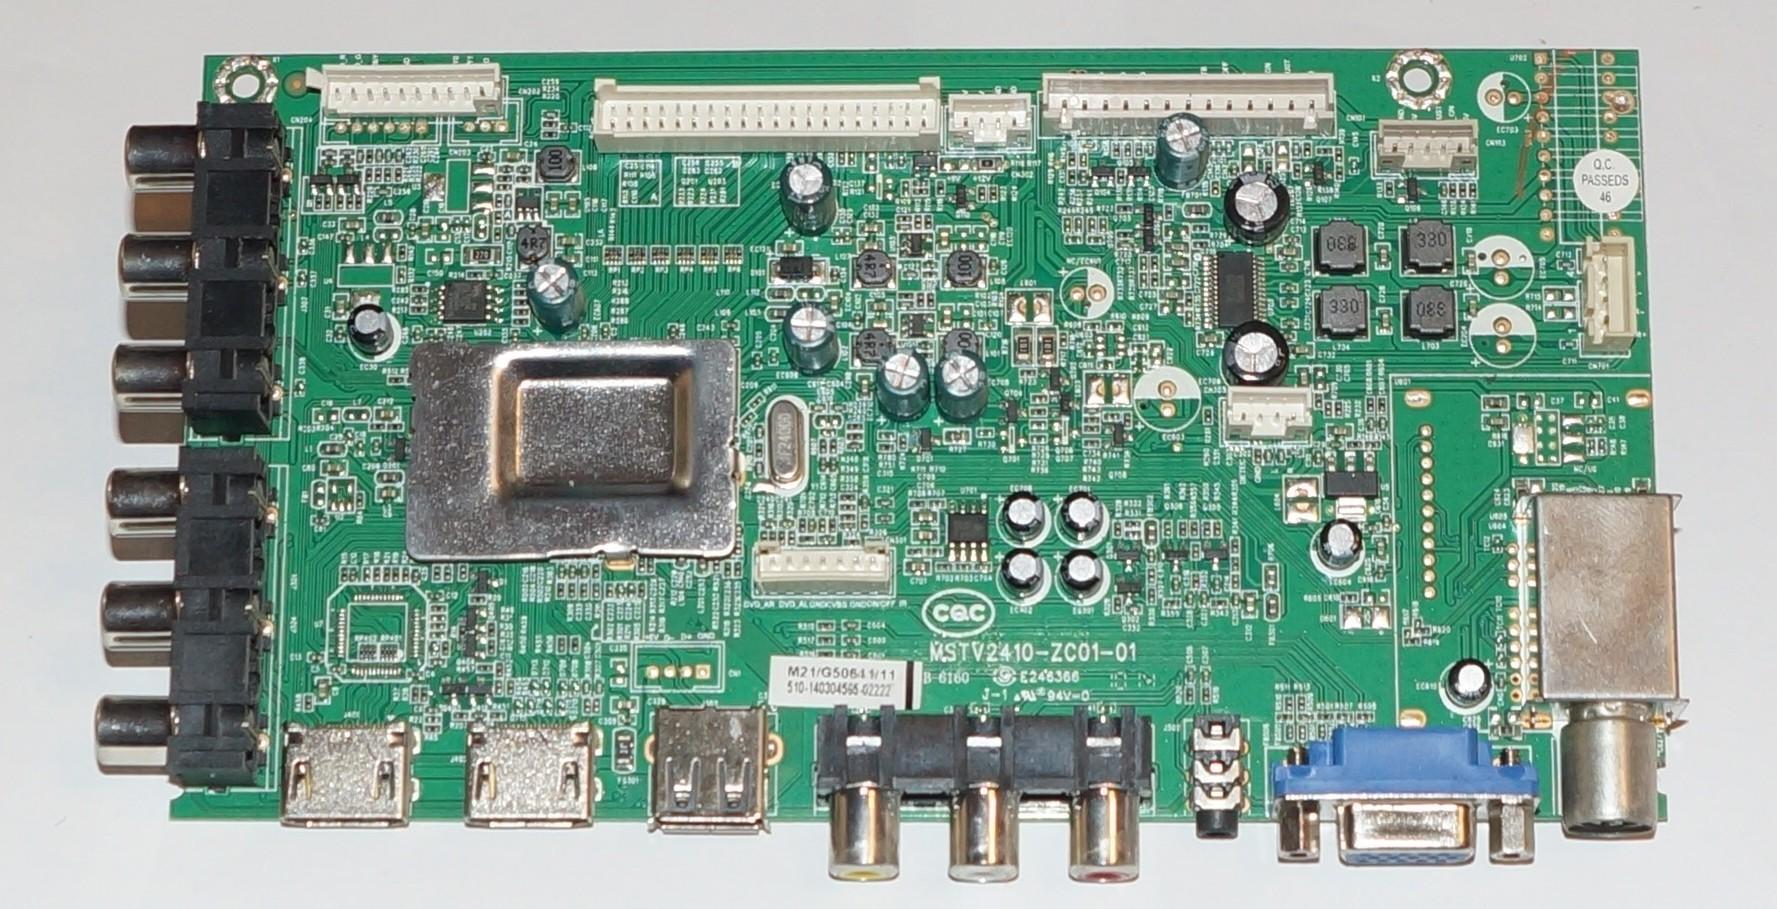 MSTV2410-ZC01-01 купить